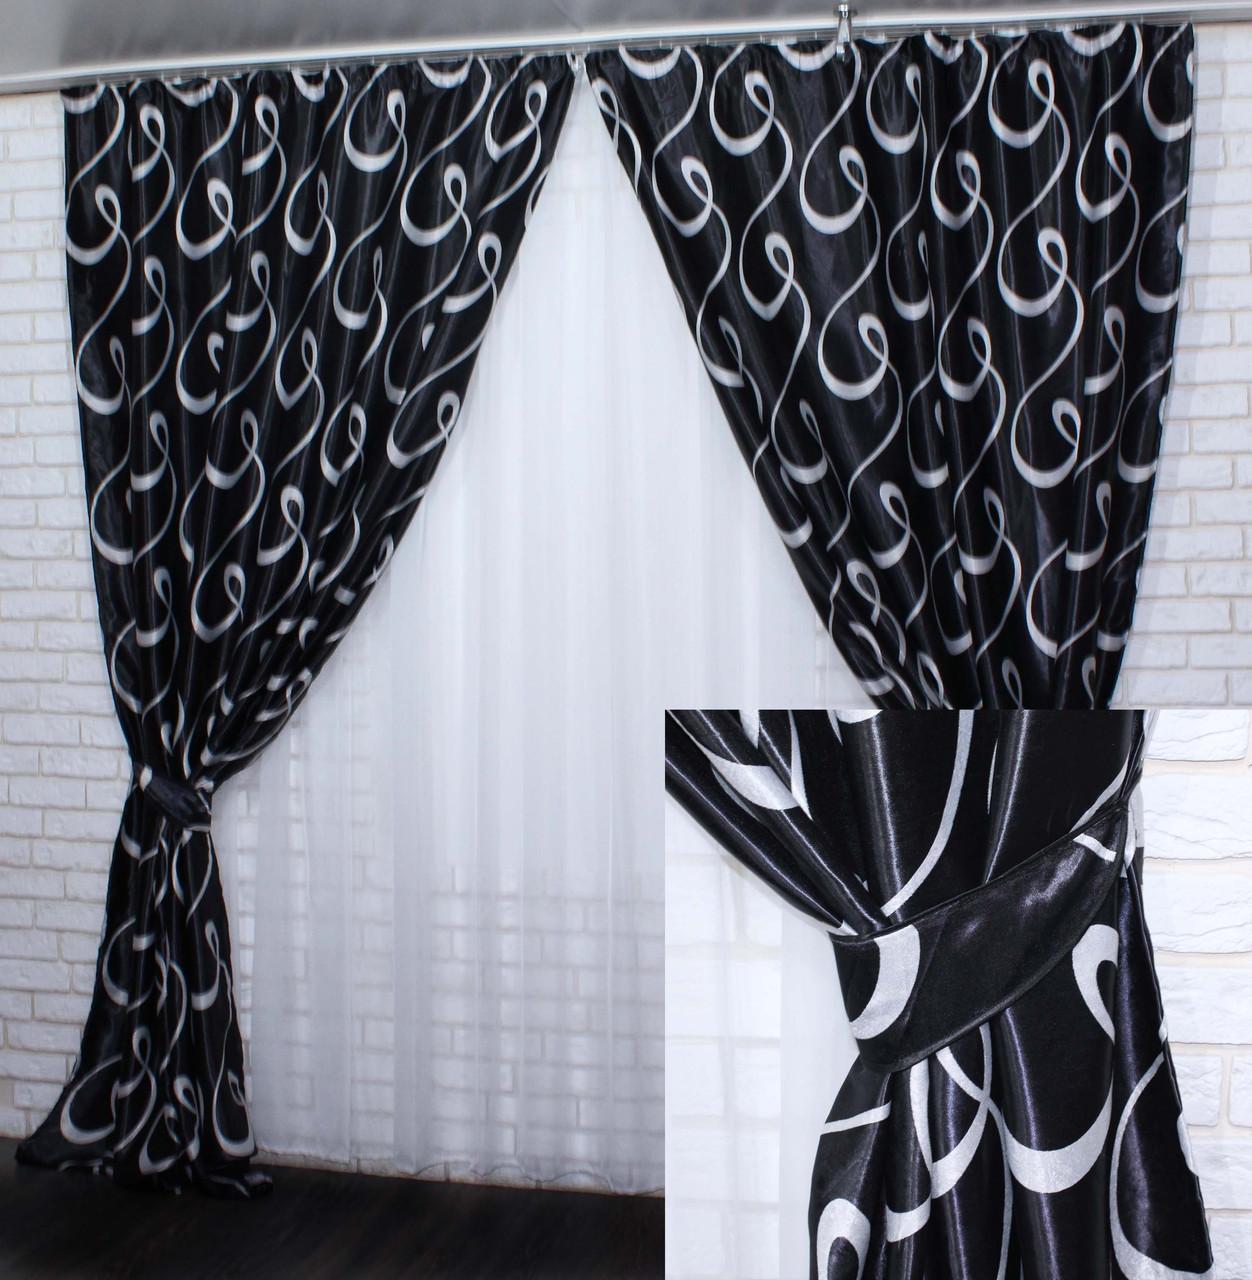 """Комплект (2шт 1.5х2.8м)  готових штор, з тканини блекаут, колекція """"Моллі"""". Колір чорний з сірим. Код 389ш(А) 30-128"""